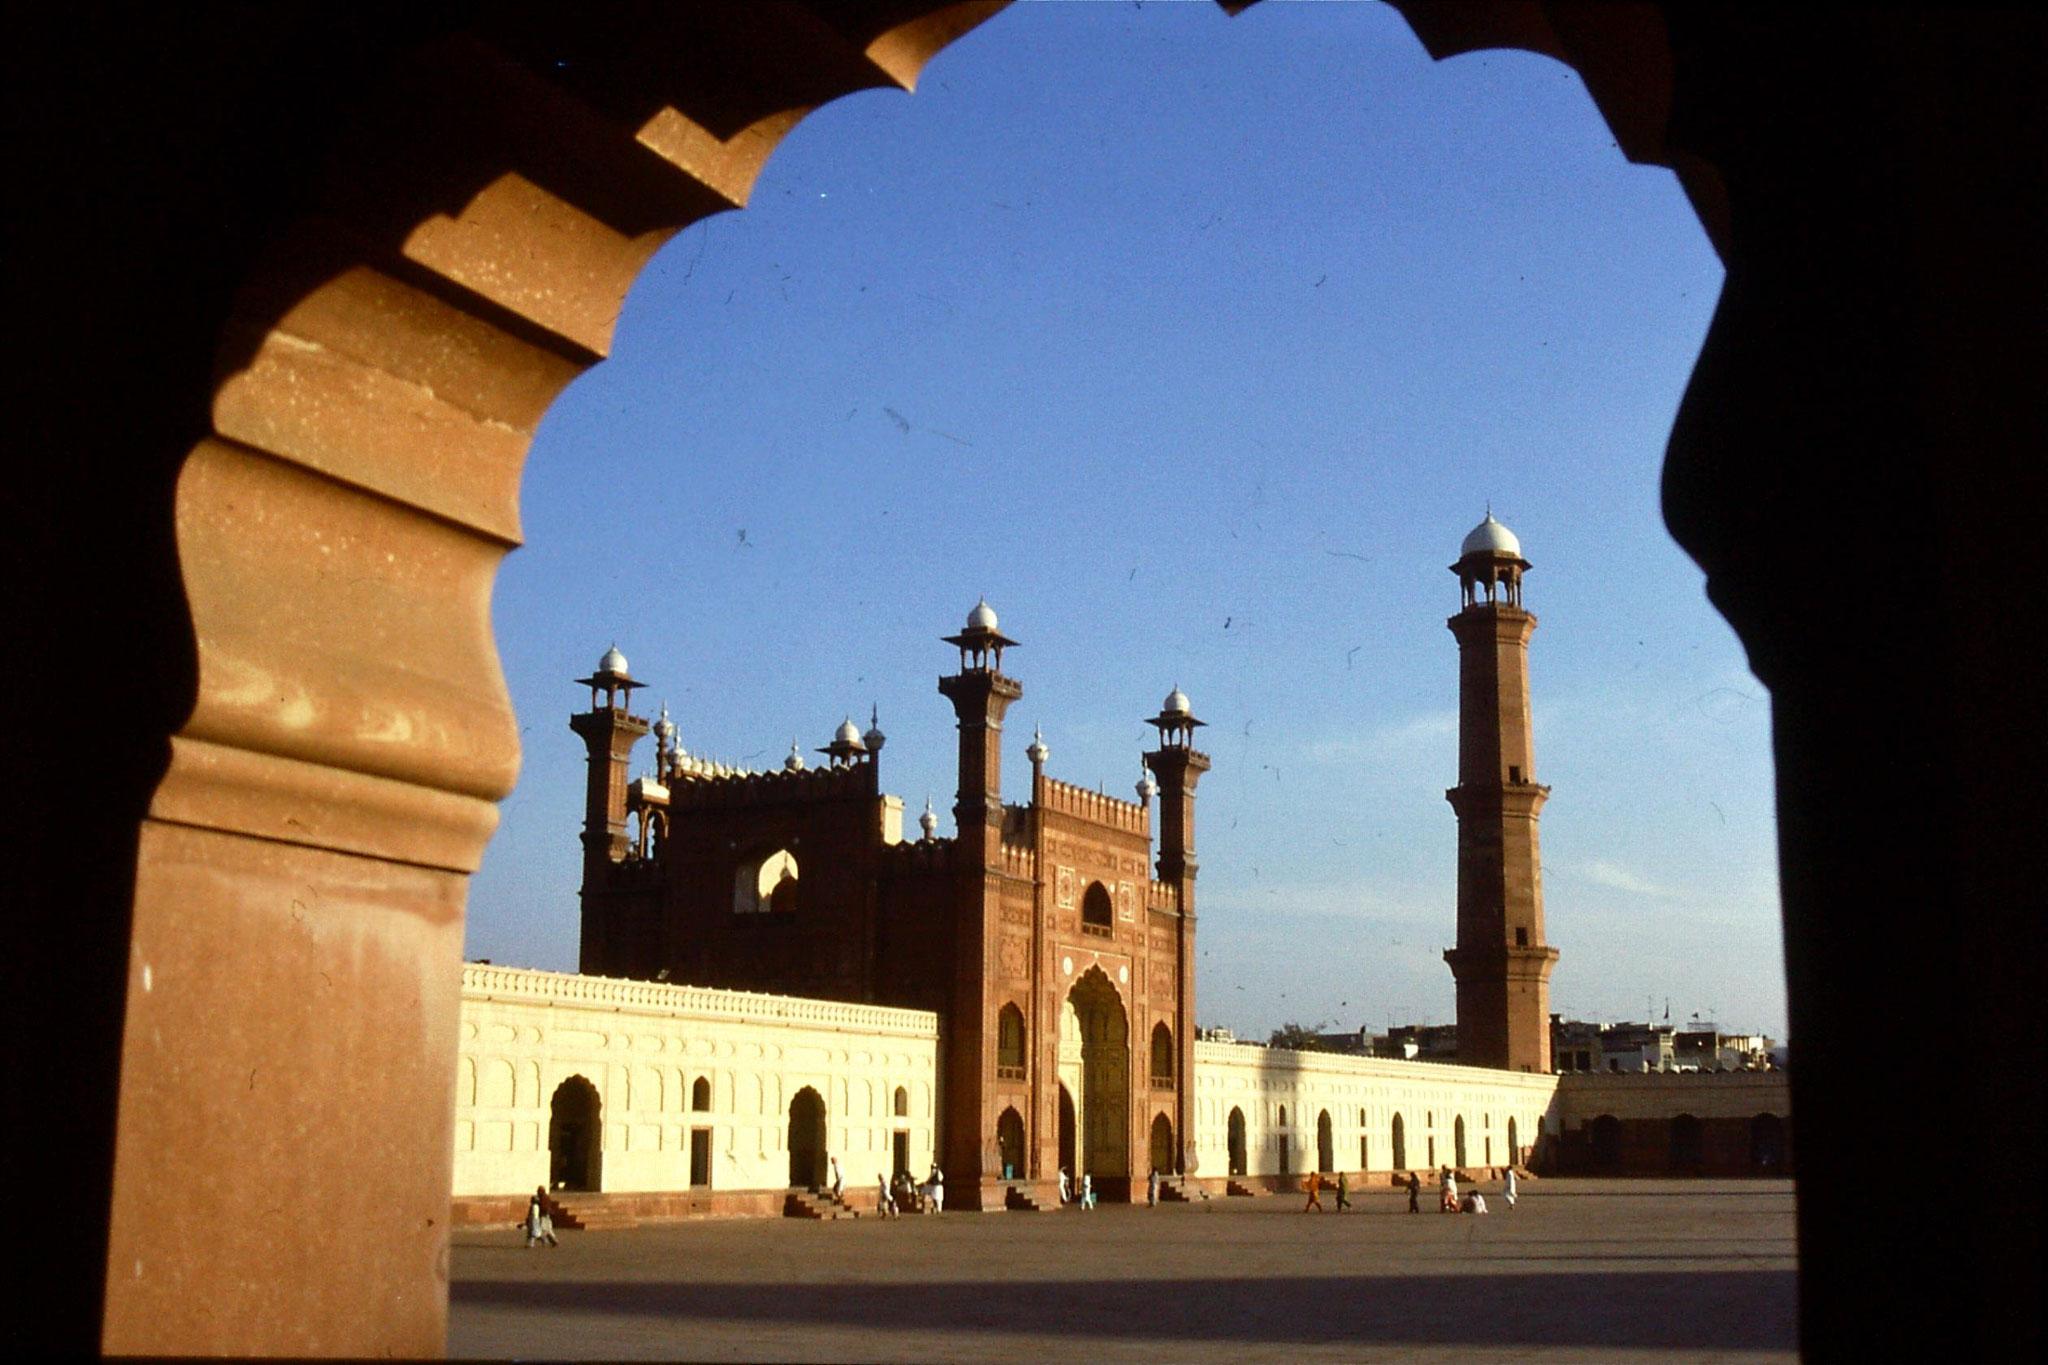 15/11/1989: 7: Lahore, Badsahi Mosque